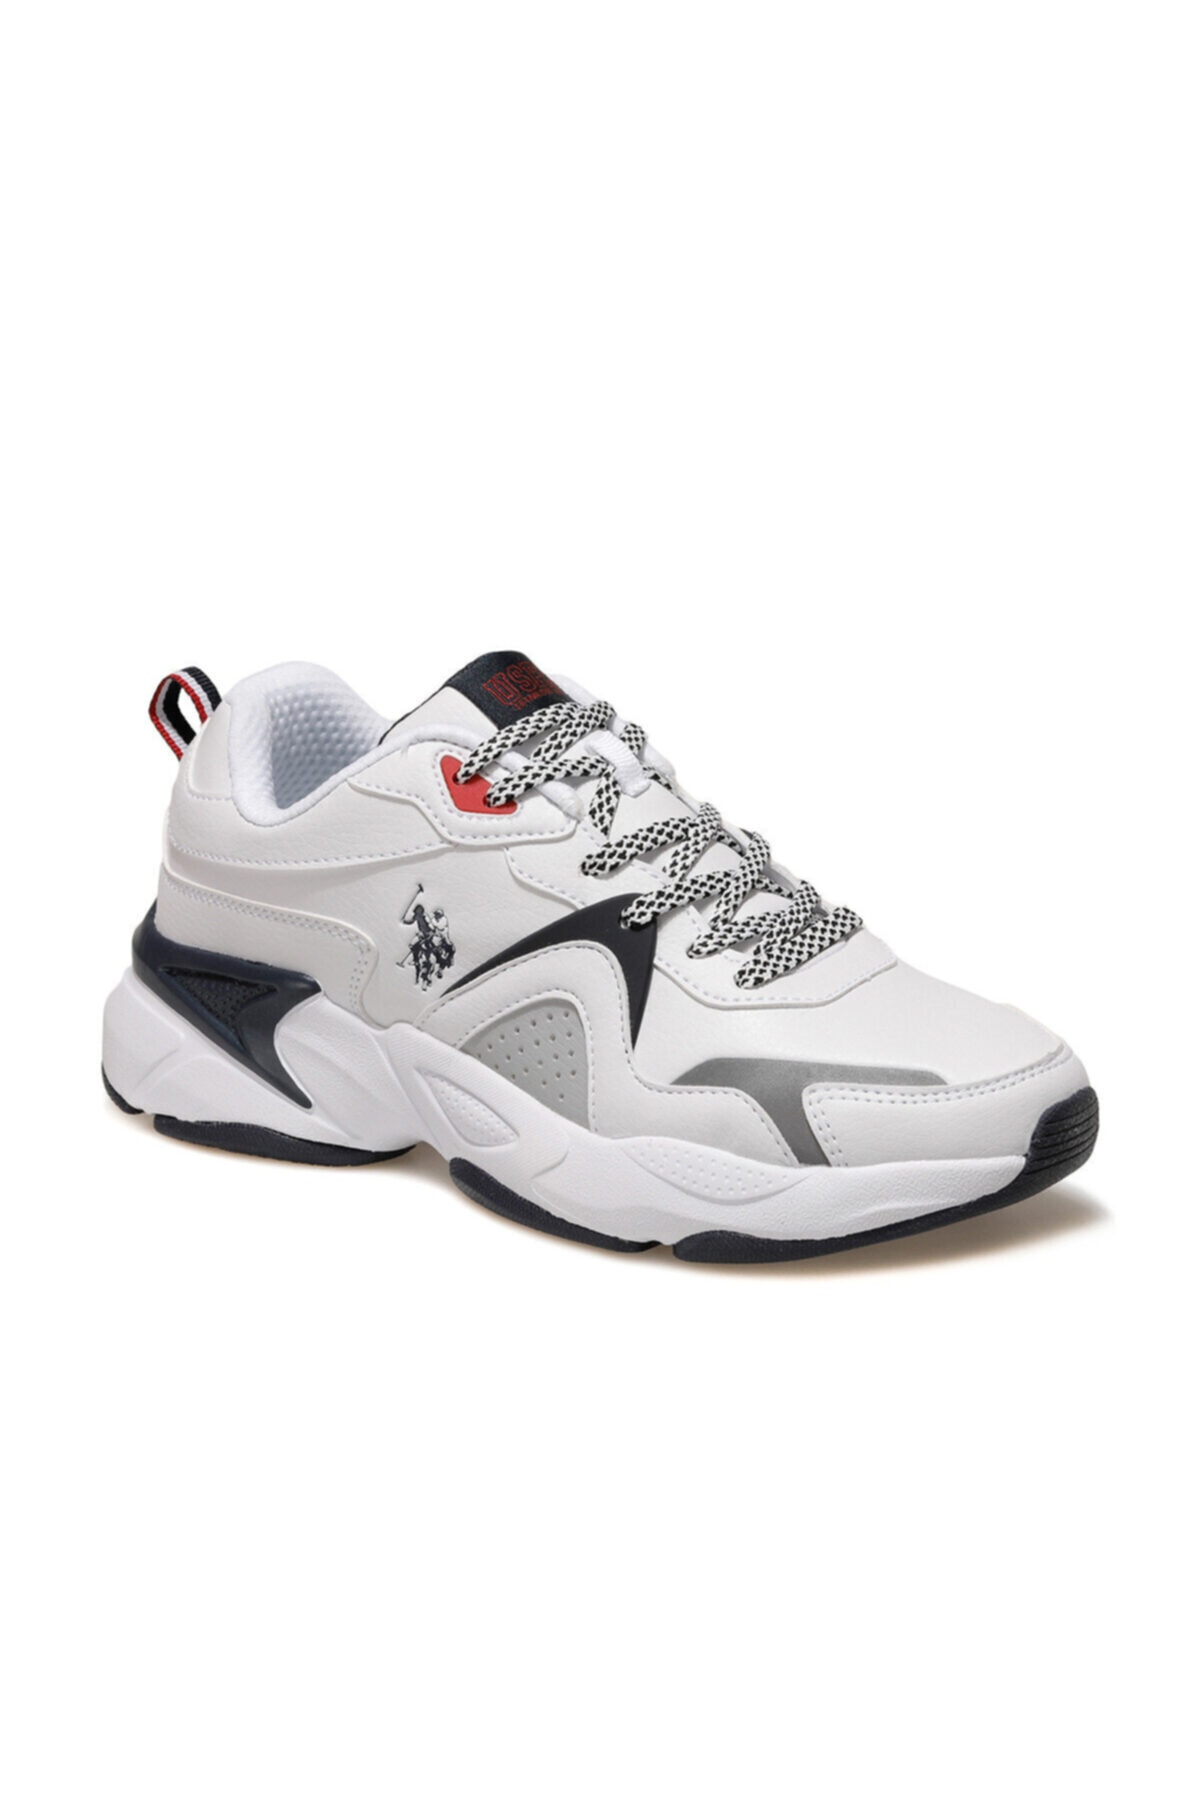 U.S. Polo Assn. JIMMY Beyaz Erkek Sneaker Ayakkabı 100536421 1